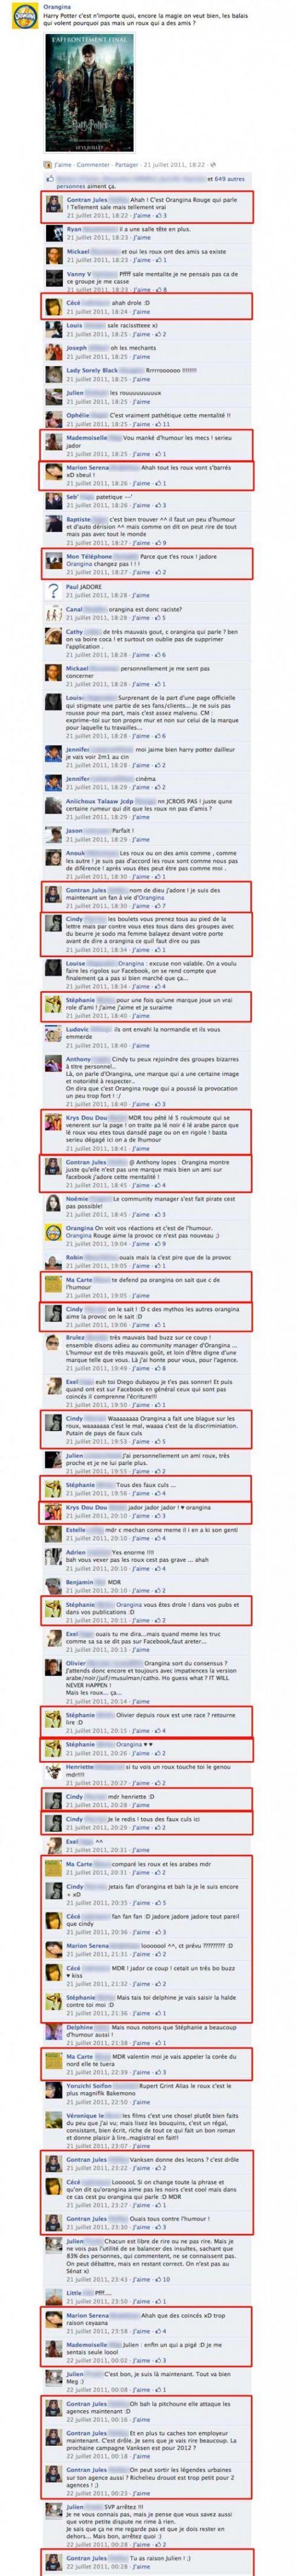 Facebook Orangina